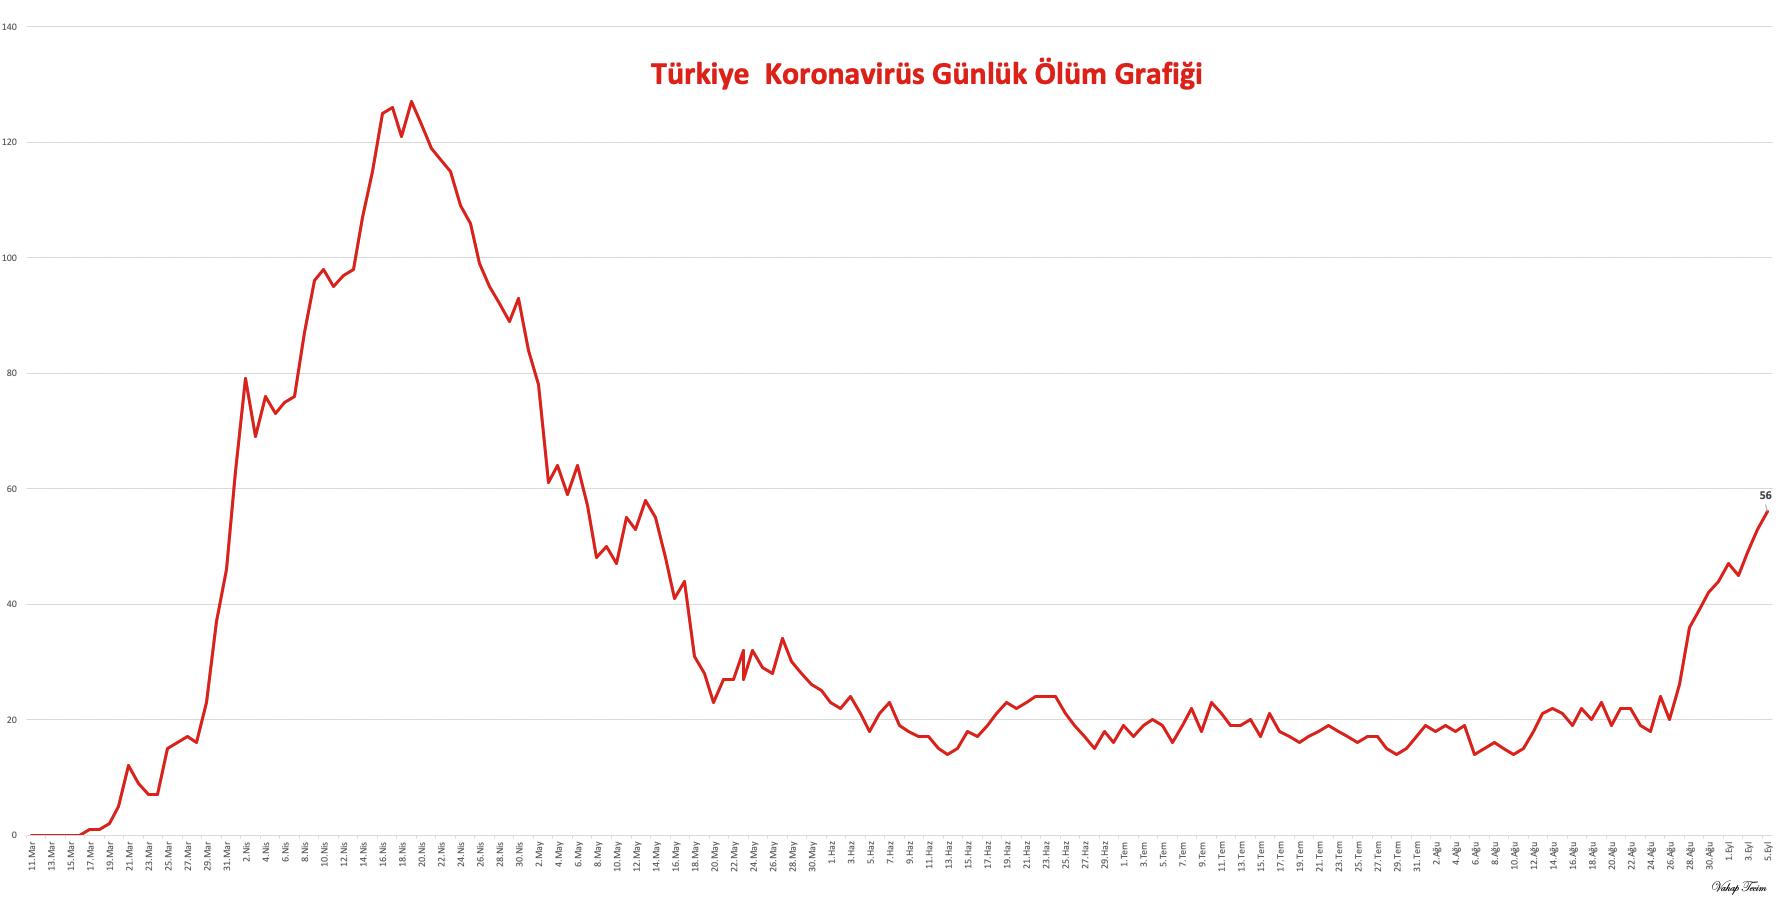 Günlük Korononavirüs Ölüm Grafiği